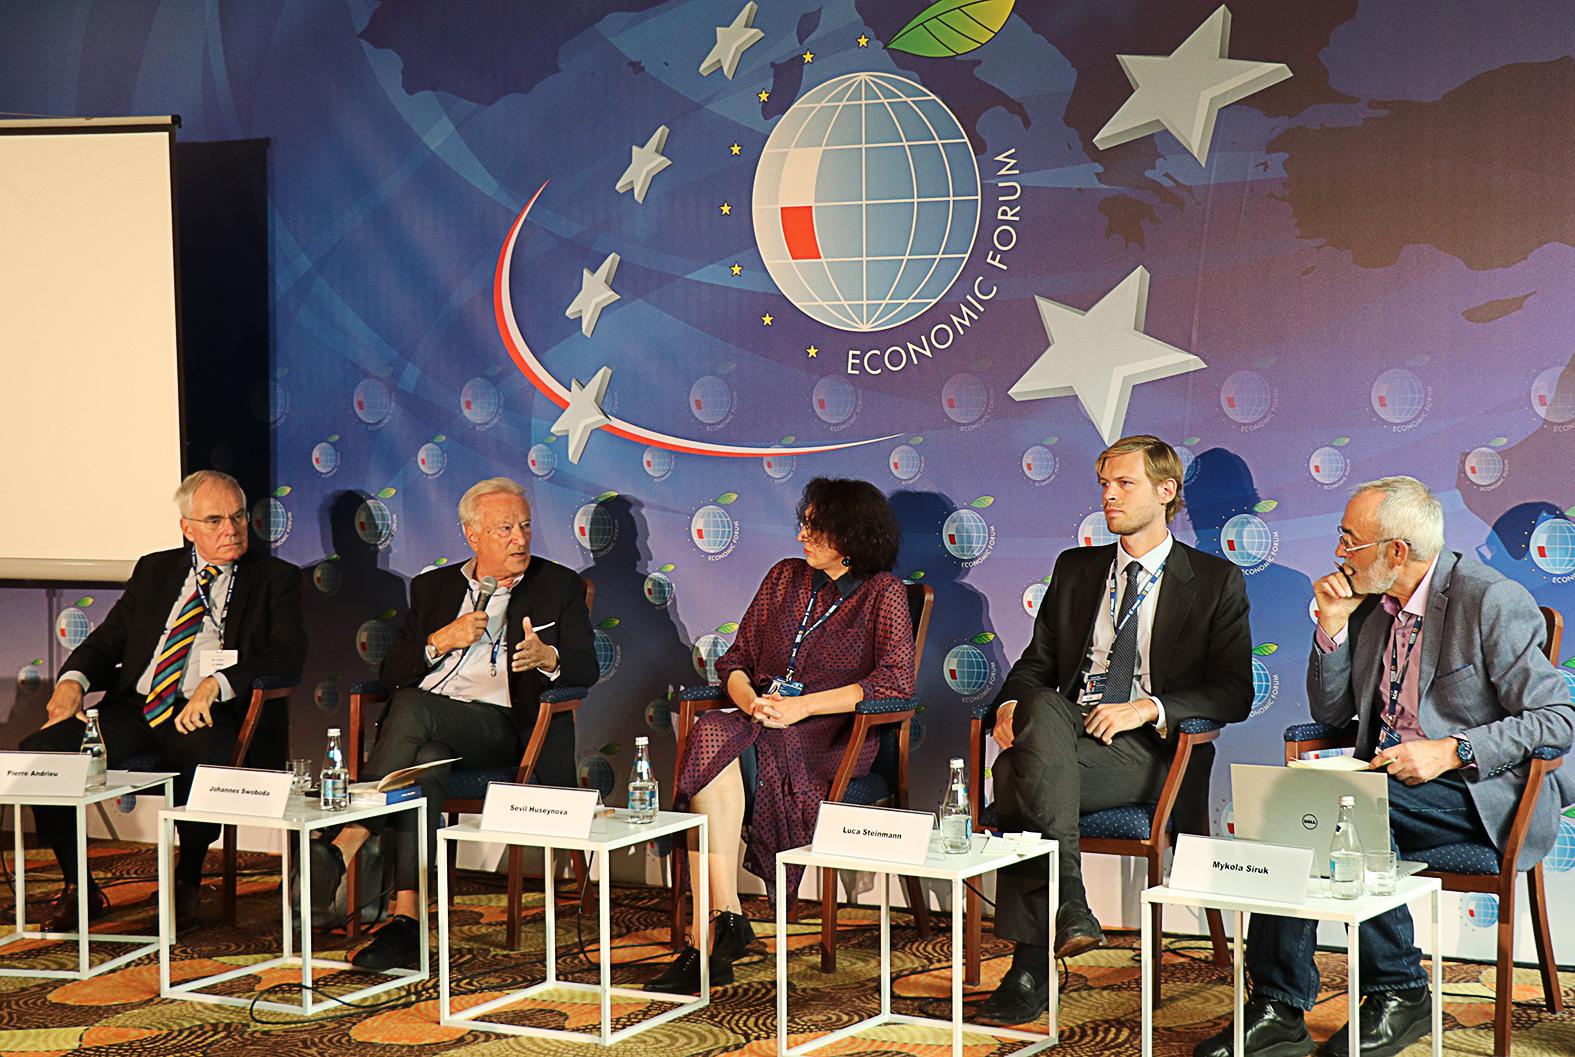 A beszélgetés résztvevői balról jobbra haladva: Pierre Andrieu, Johannes Swoboda, Szevil Huszejnovna, Luca Steinmann és moderátorként Mikola Sziruk #moszkvater